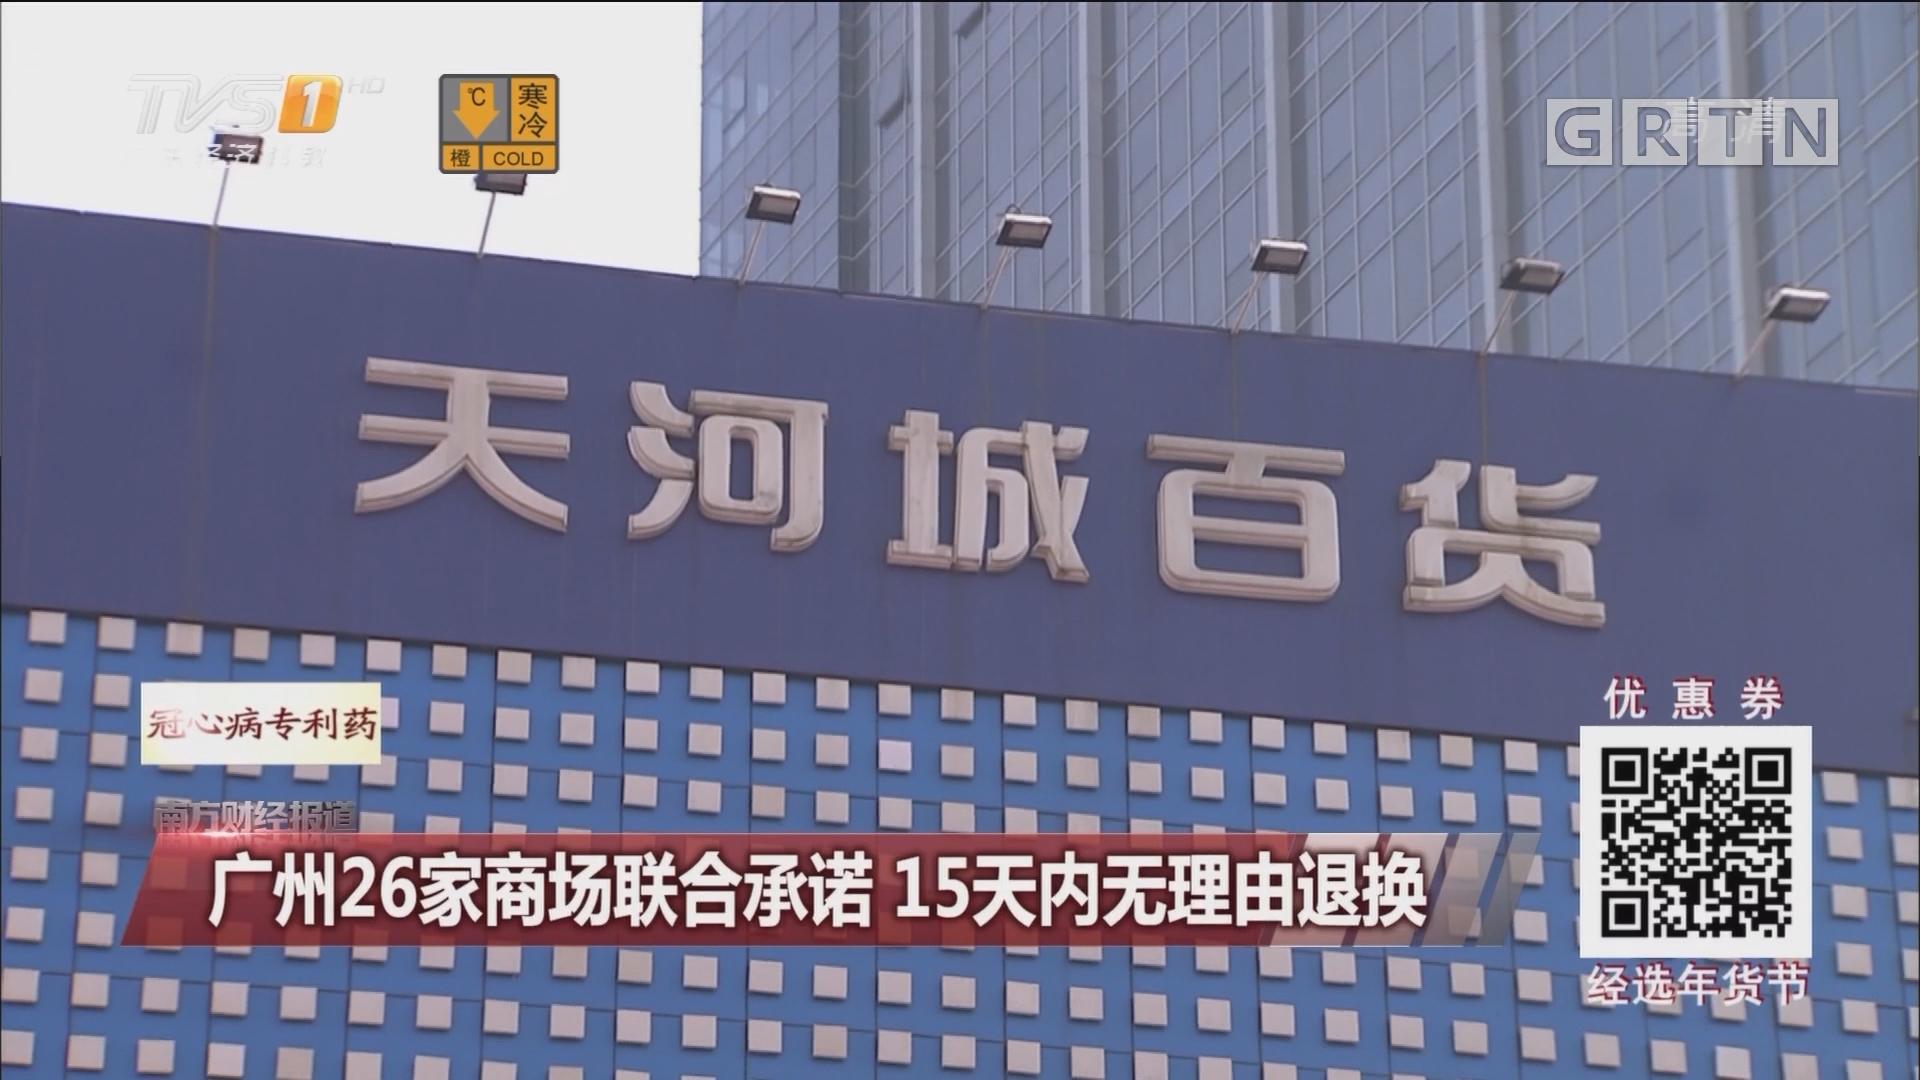 广州26家商场联合承诺 15天内无理由退换